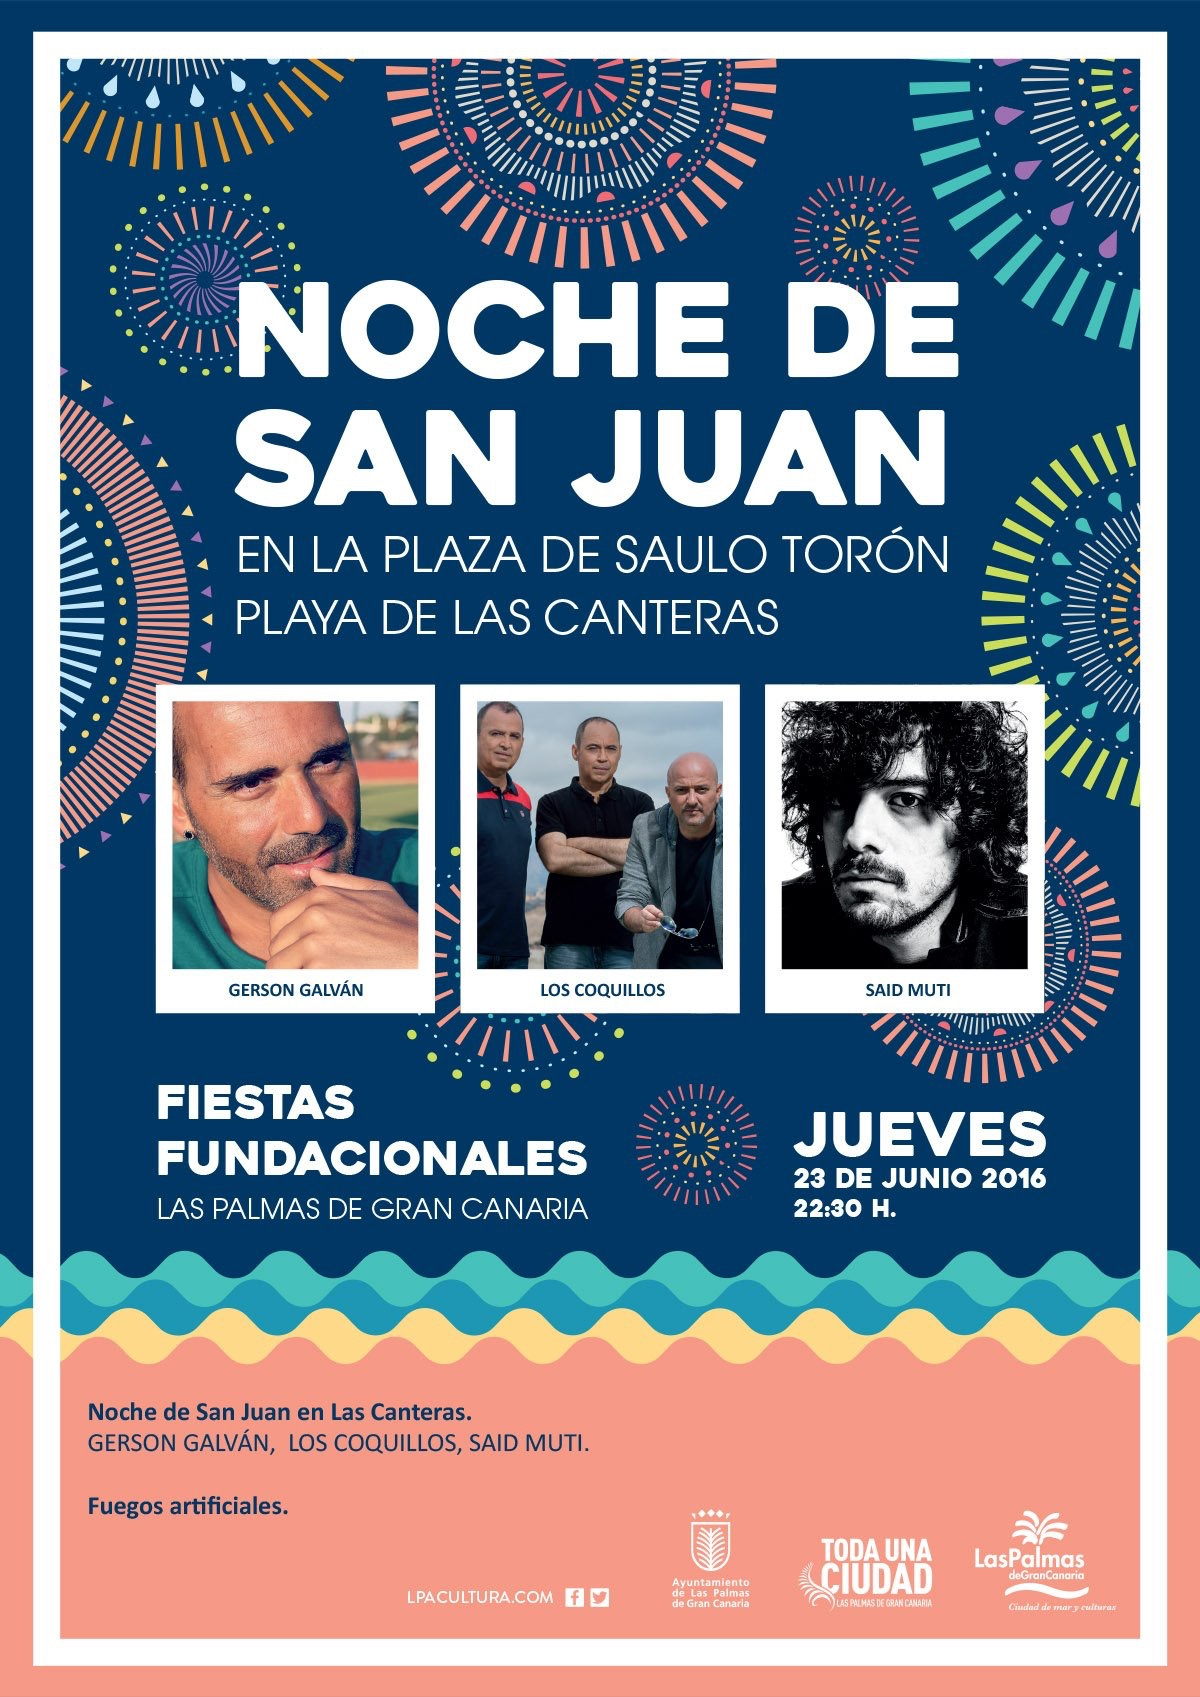 said muti hace #detripasrocknroll en las fiestas fundacionales de Las palmas de Gran Canaria